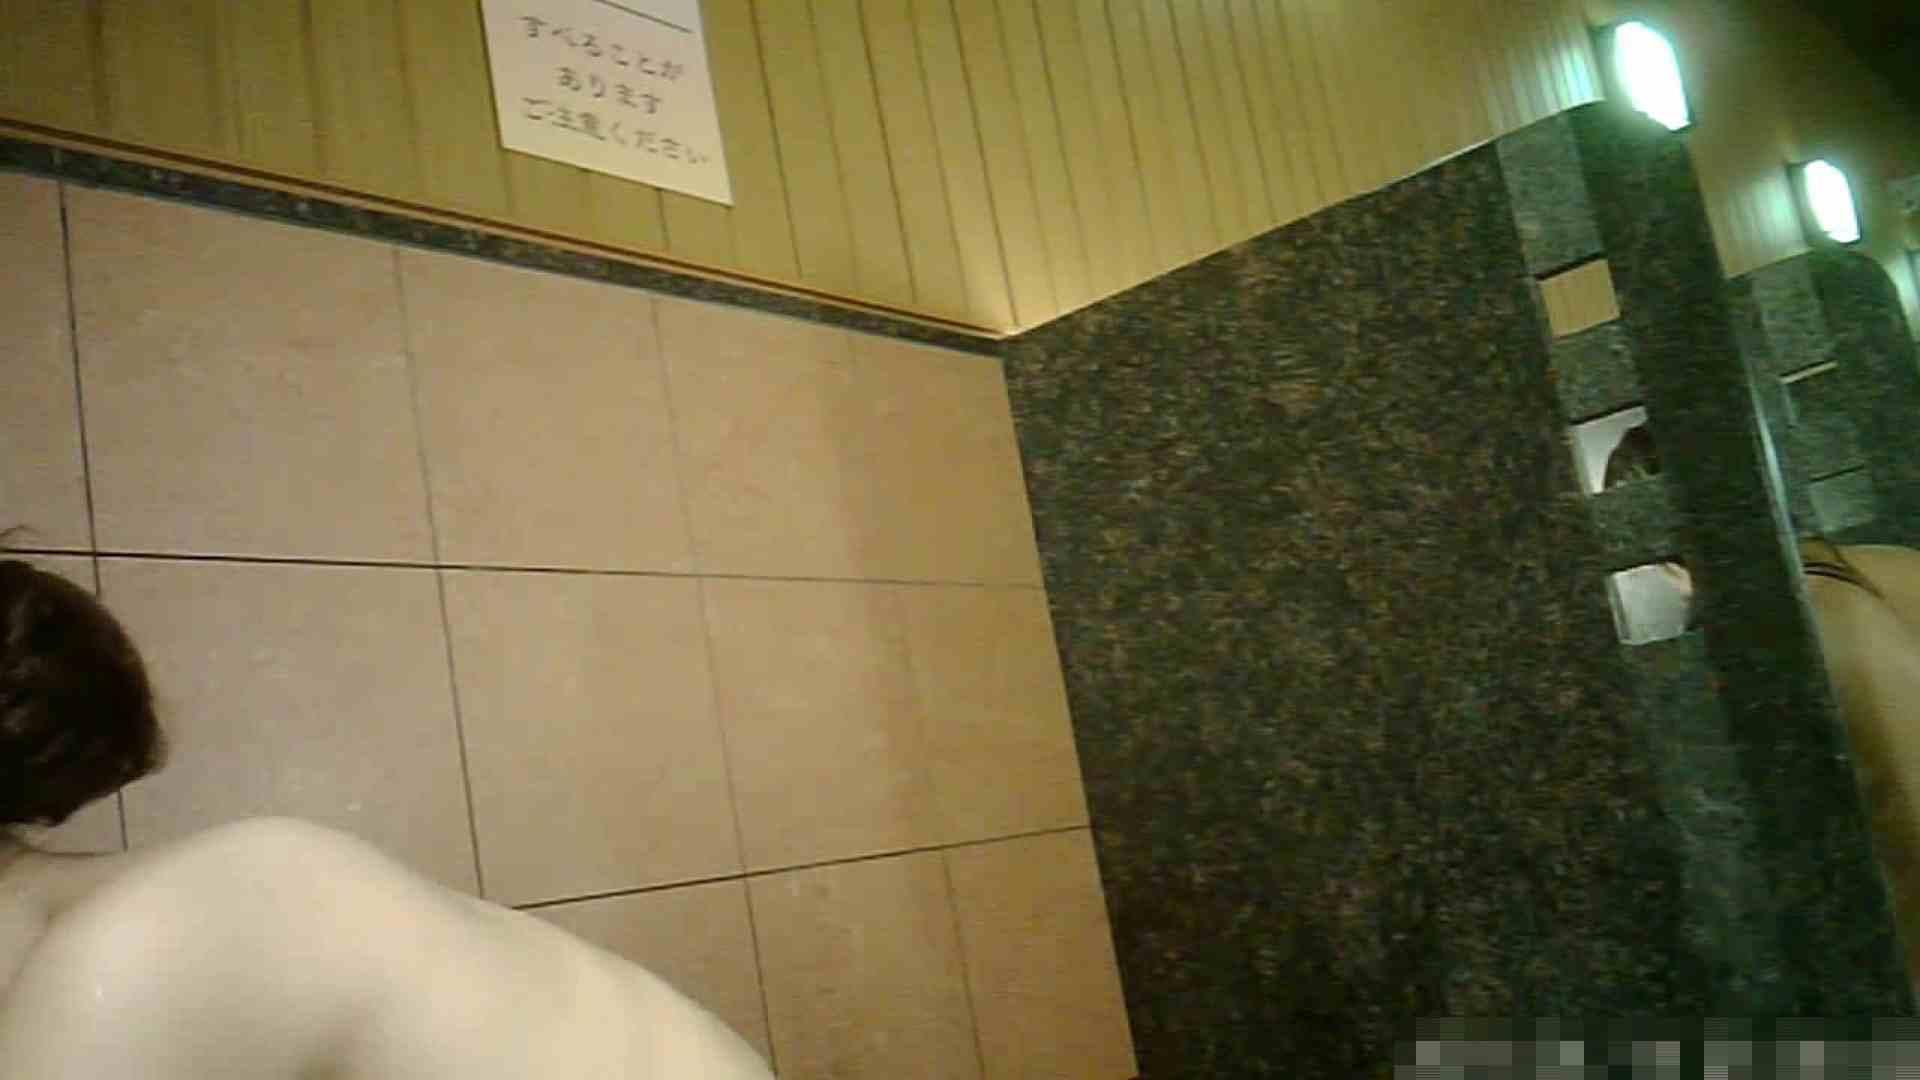 手を染めてしまった女性盗撮師の女風呂潜入記 vol.001 盗撮 すけべAV動画紹介 70連発 2